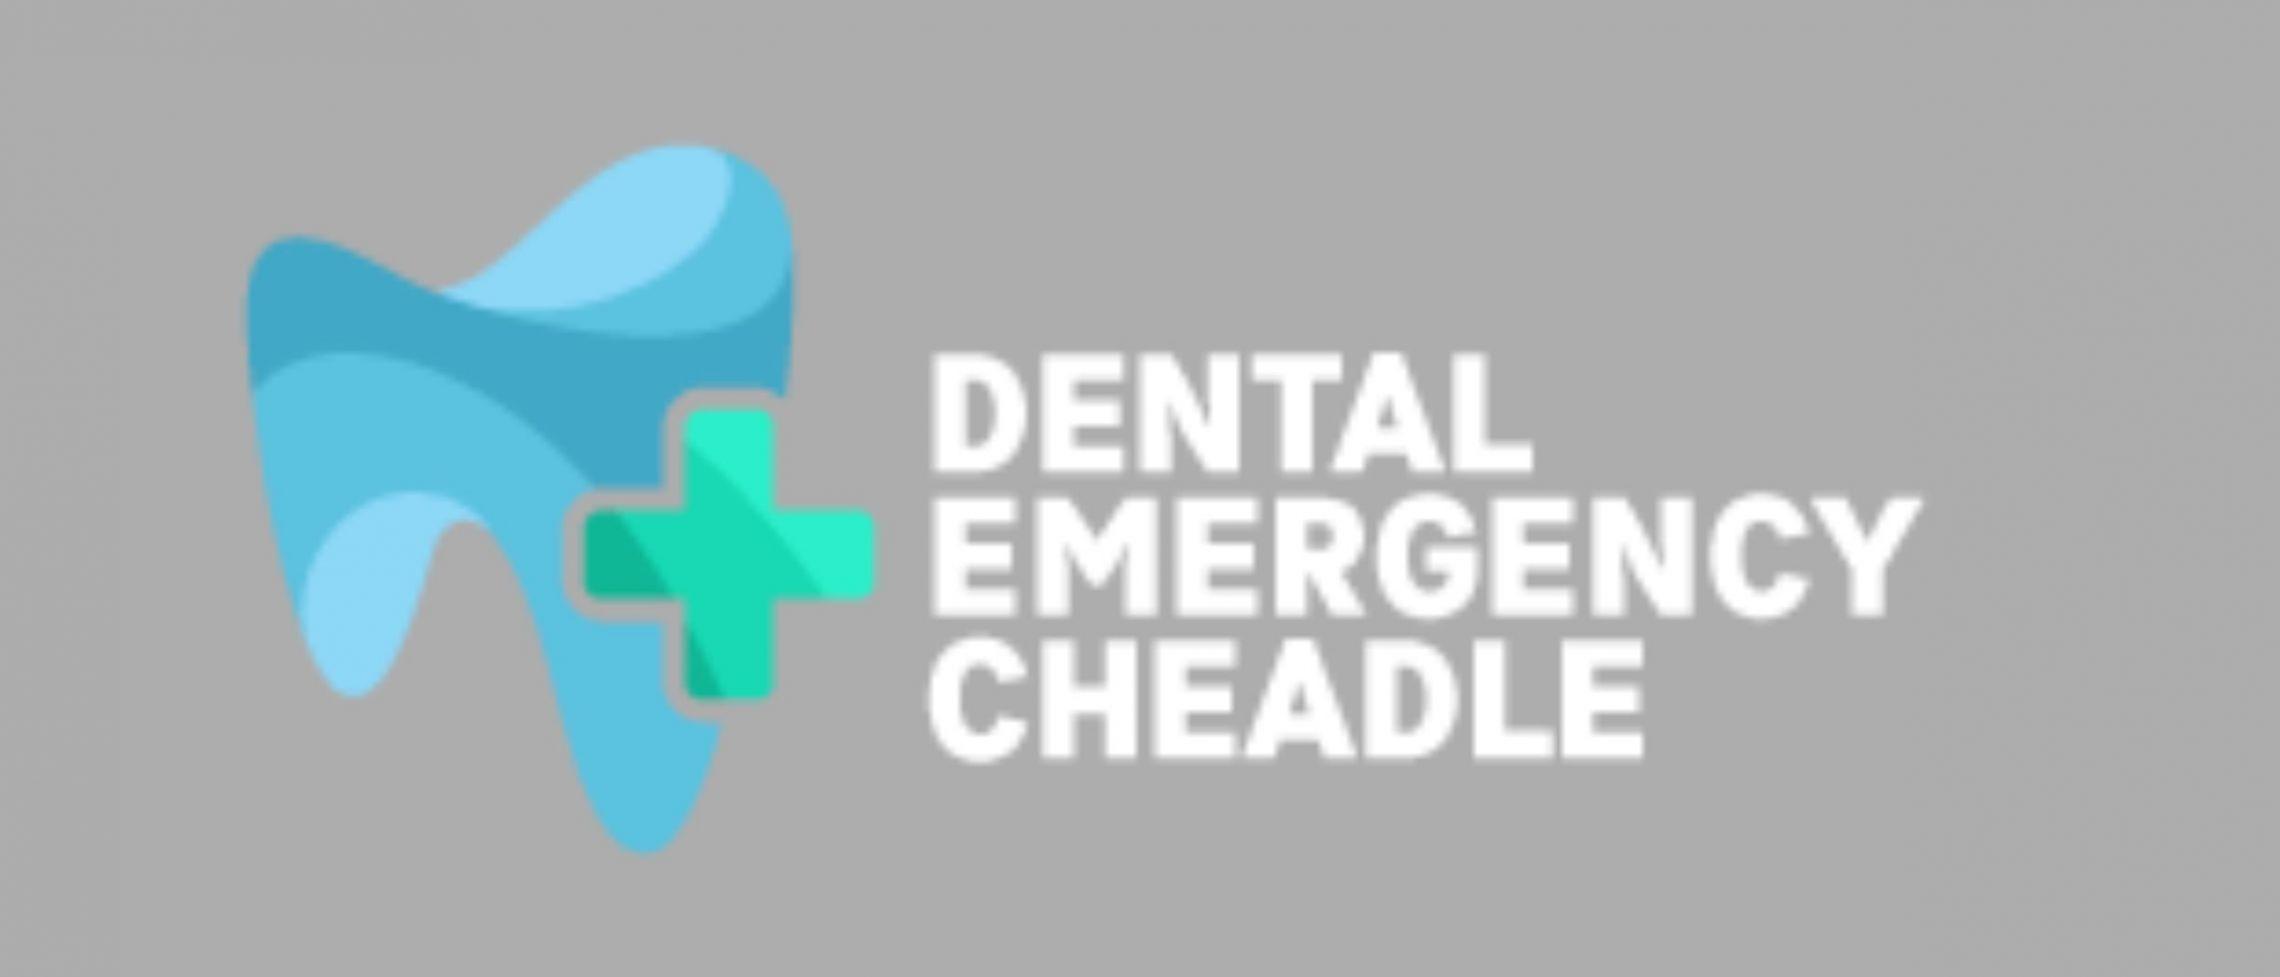 Dental Emergency Cheadle